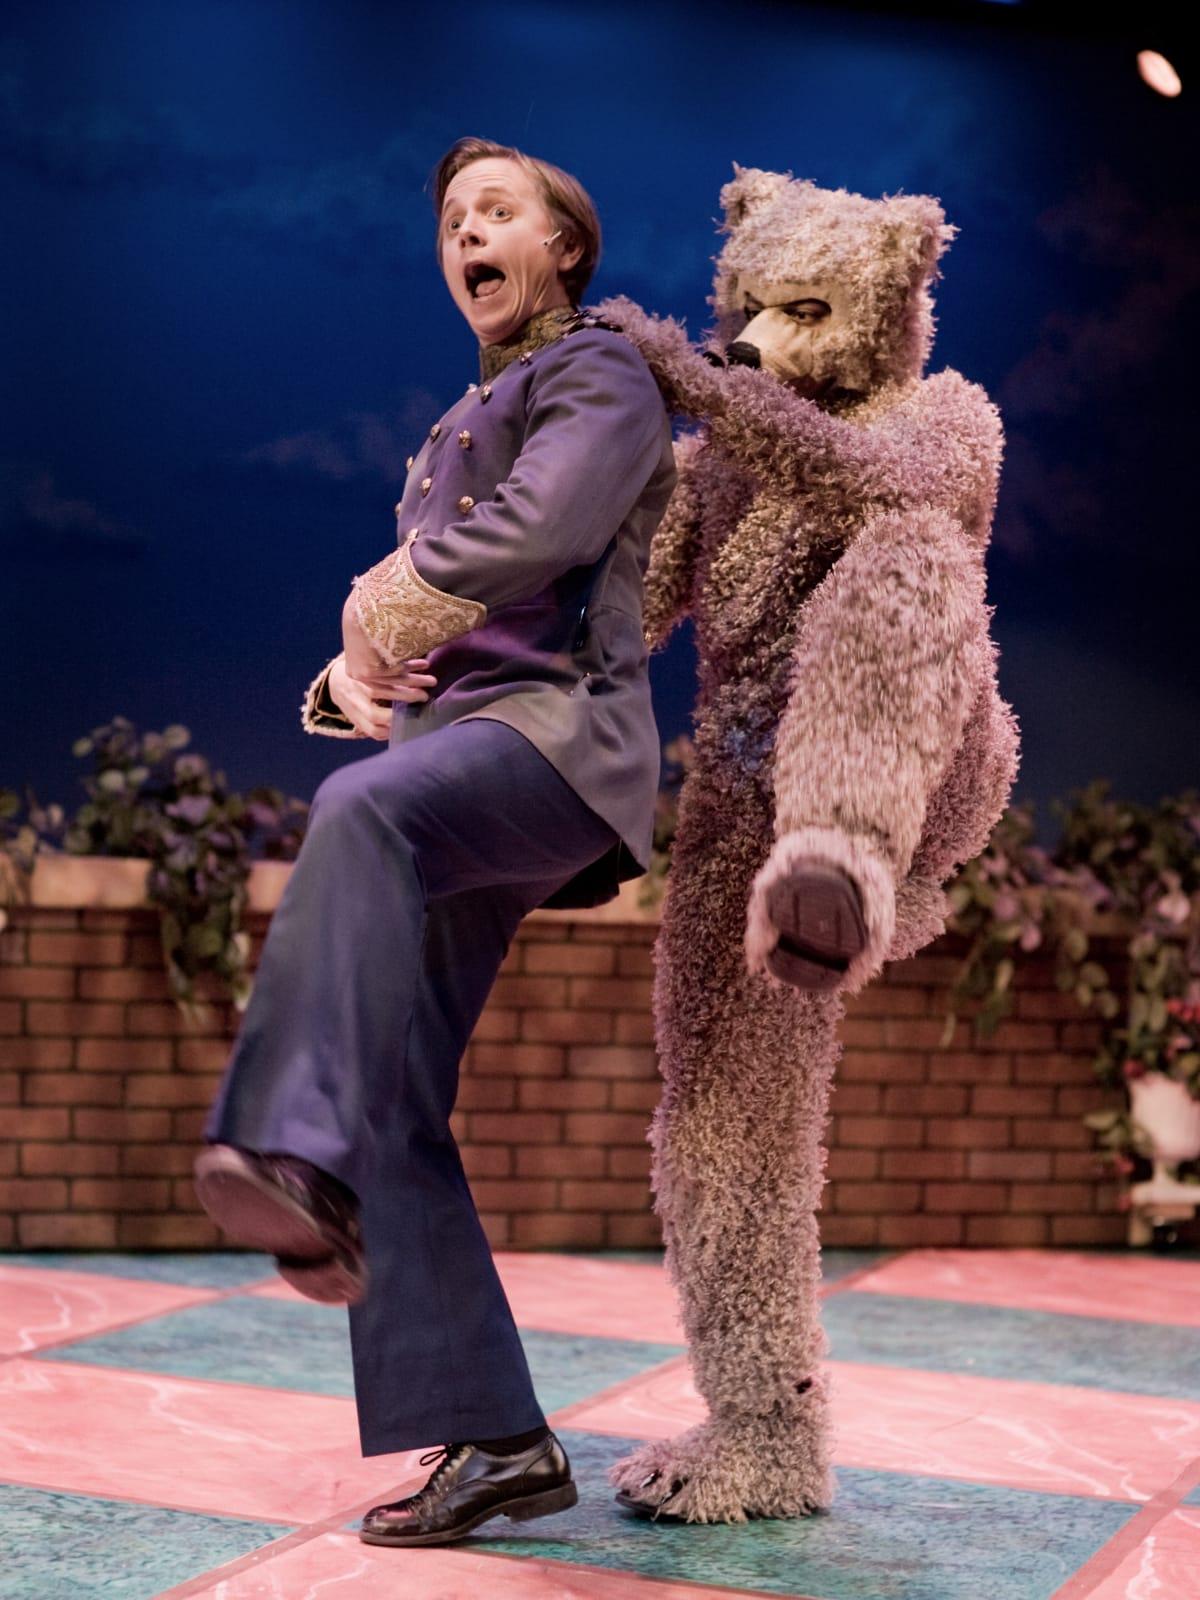 Stages Theatre-Panto Cinderella, Ryan Schabach and Carlos Salinas